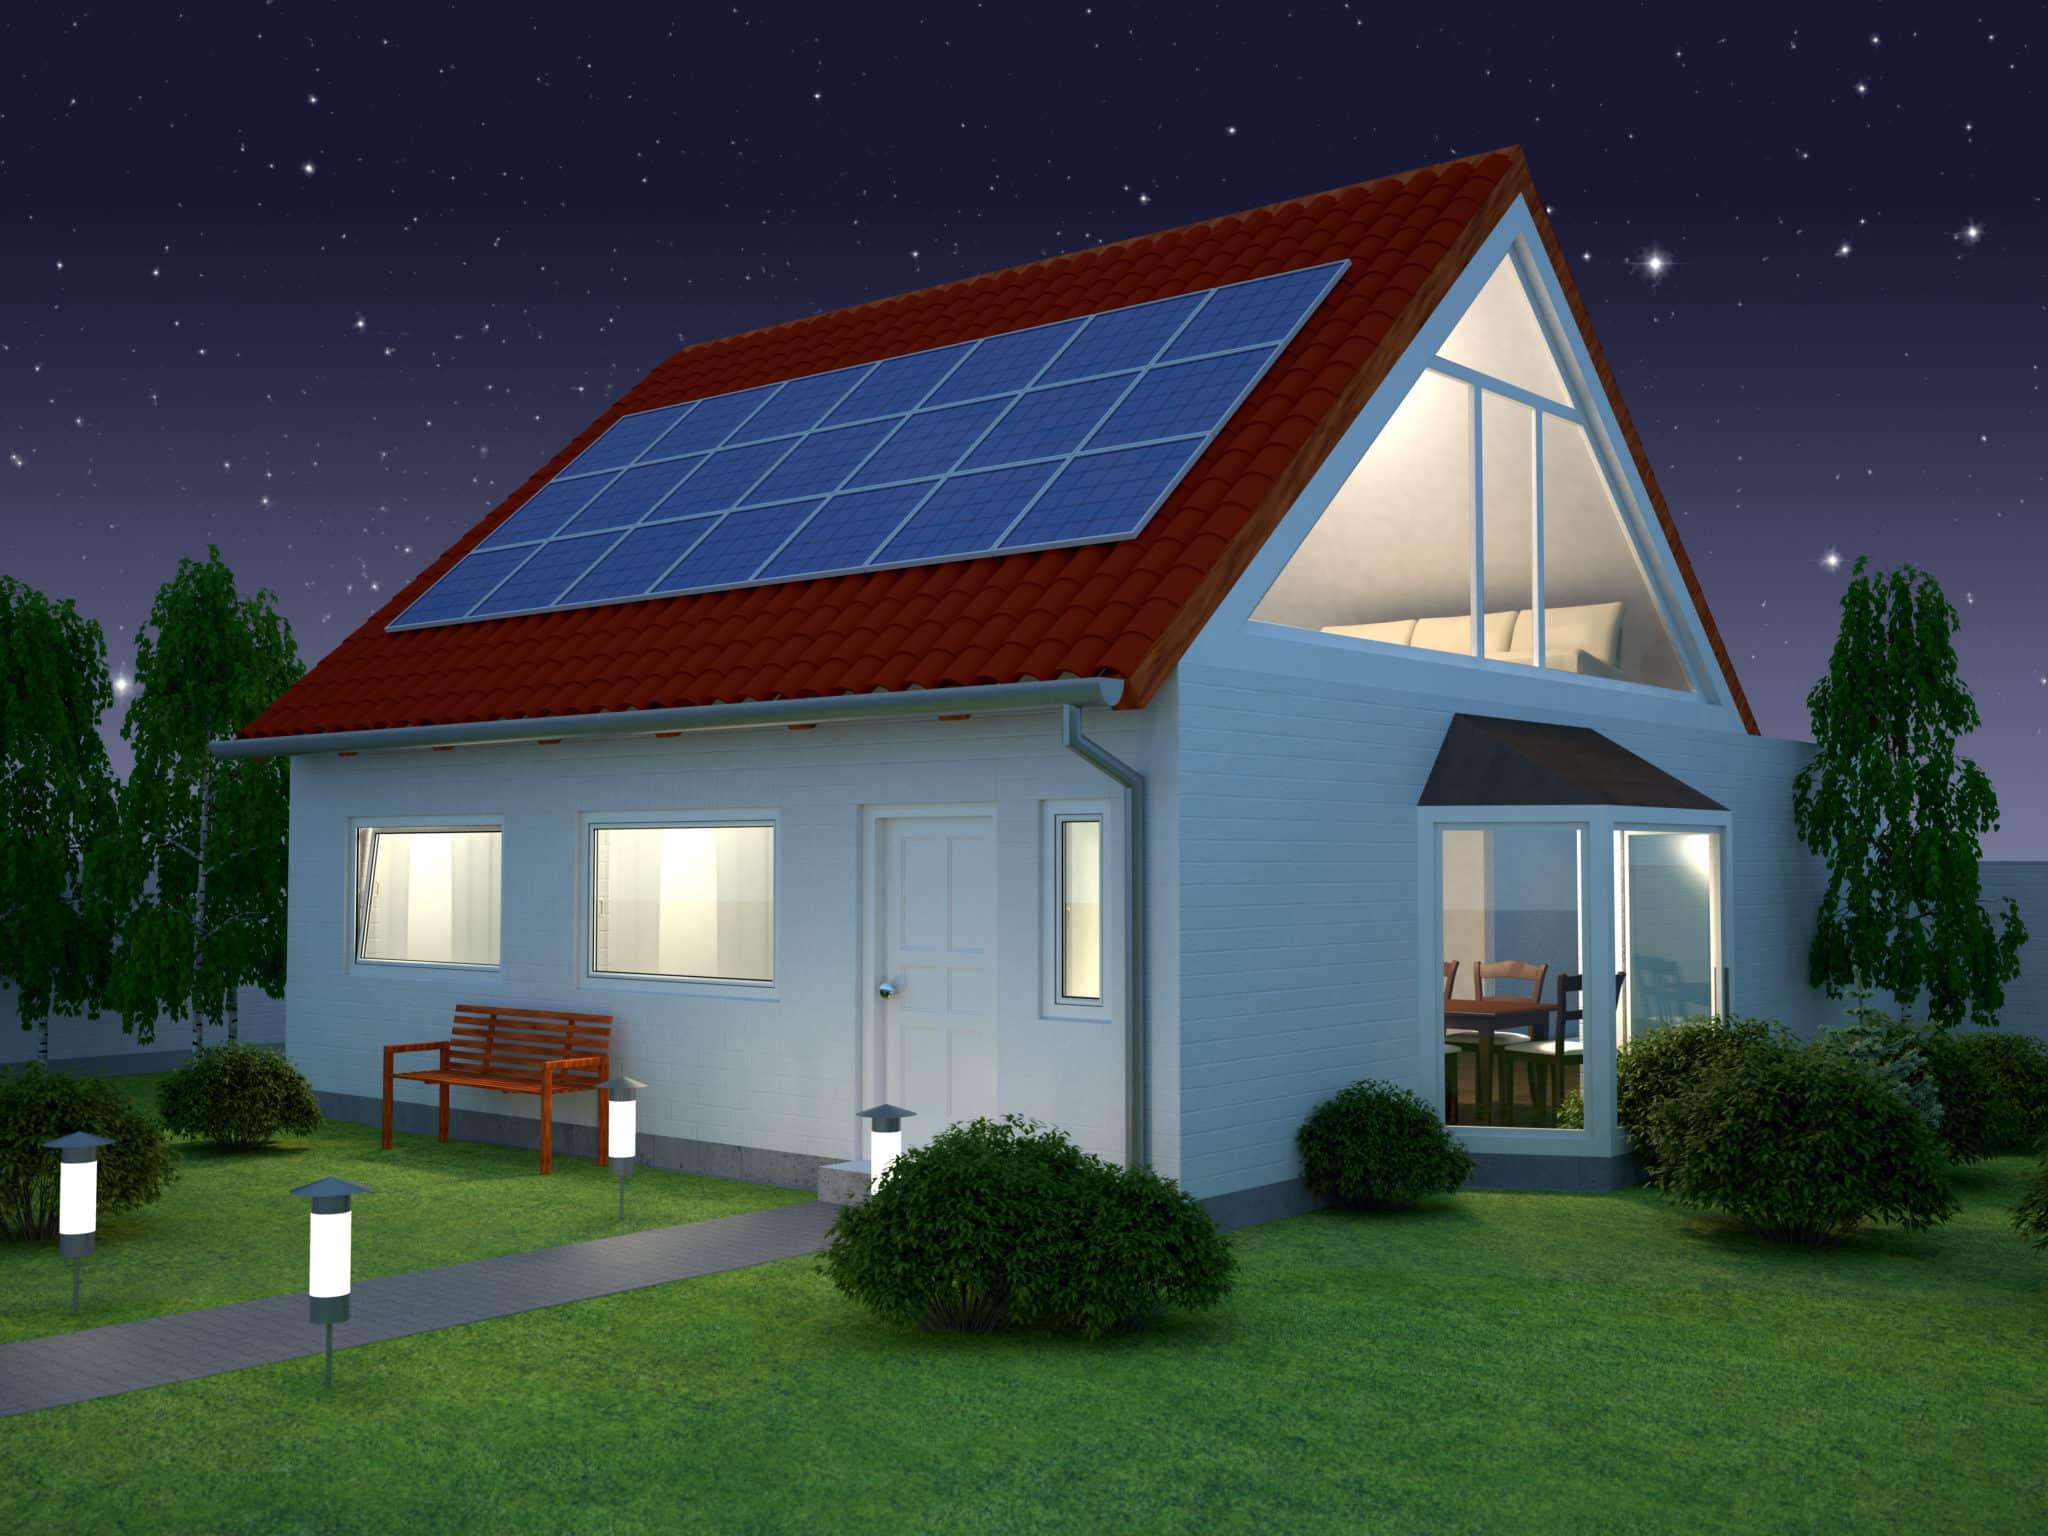 panneau solaire maison cheap with panneau solaire maison finest choisir sa charpente comment. Black Bedroom Furniture Sets. Home Design Ideas